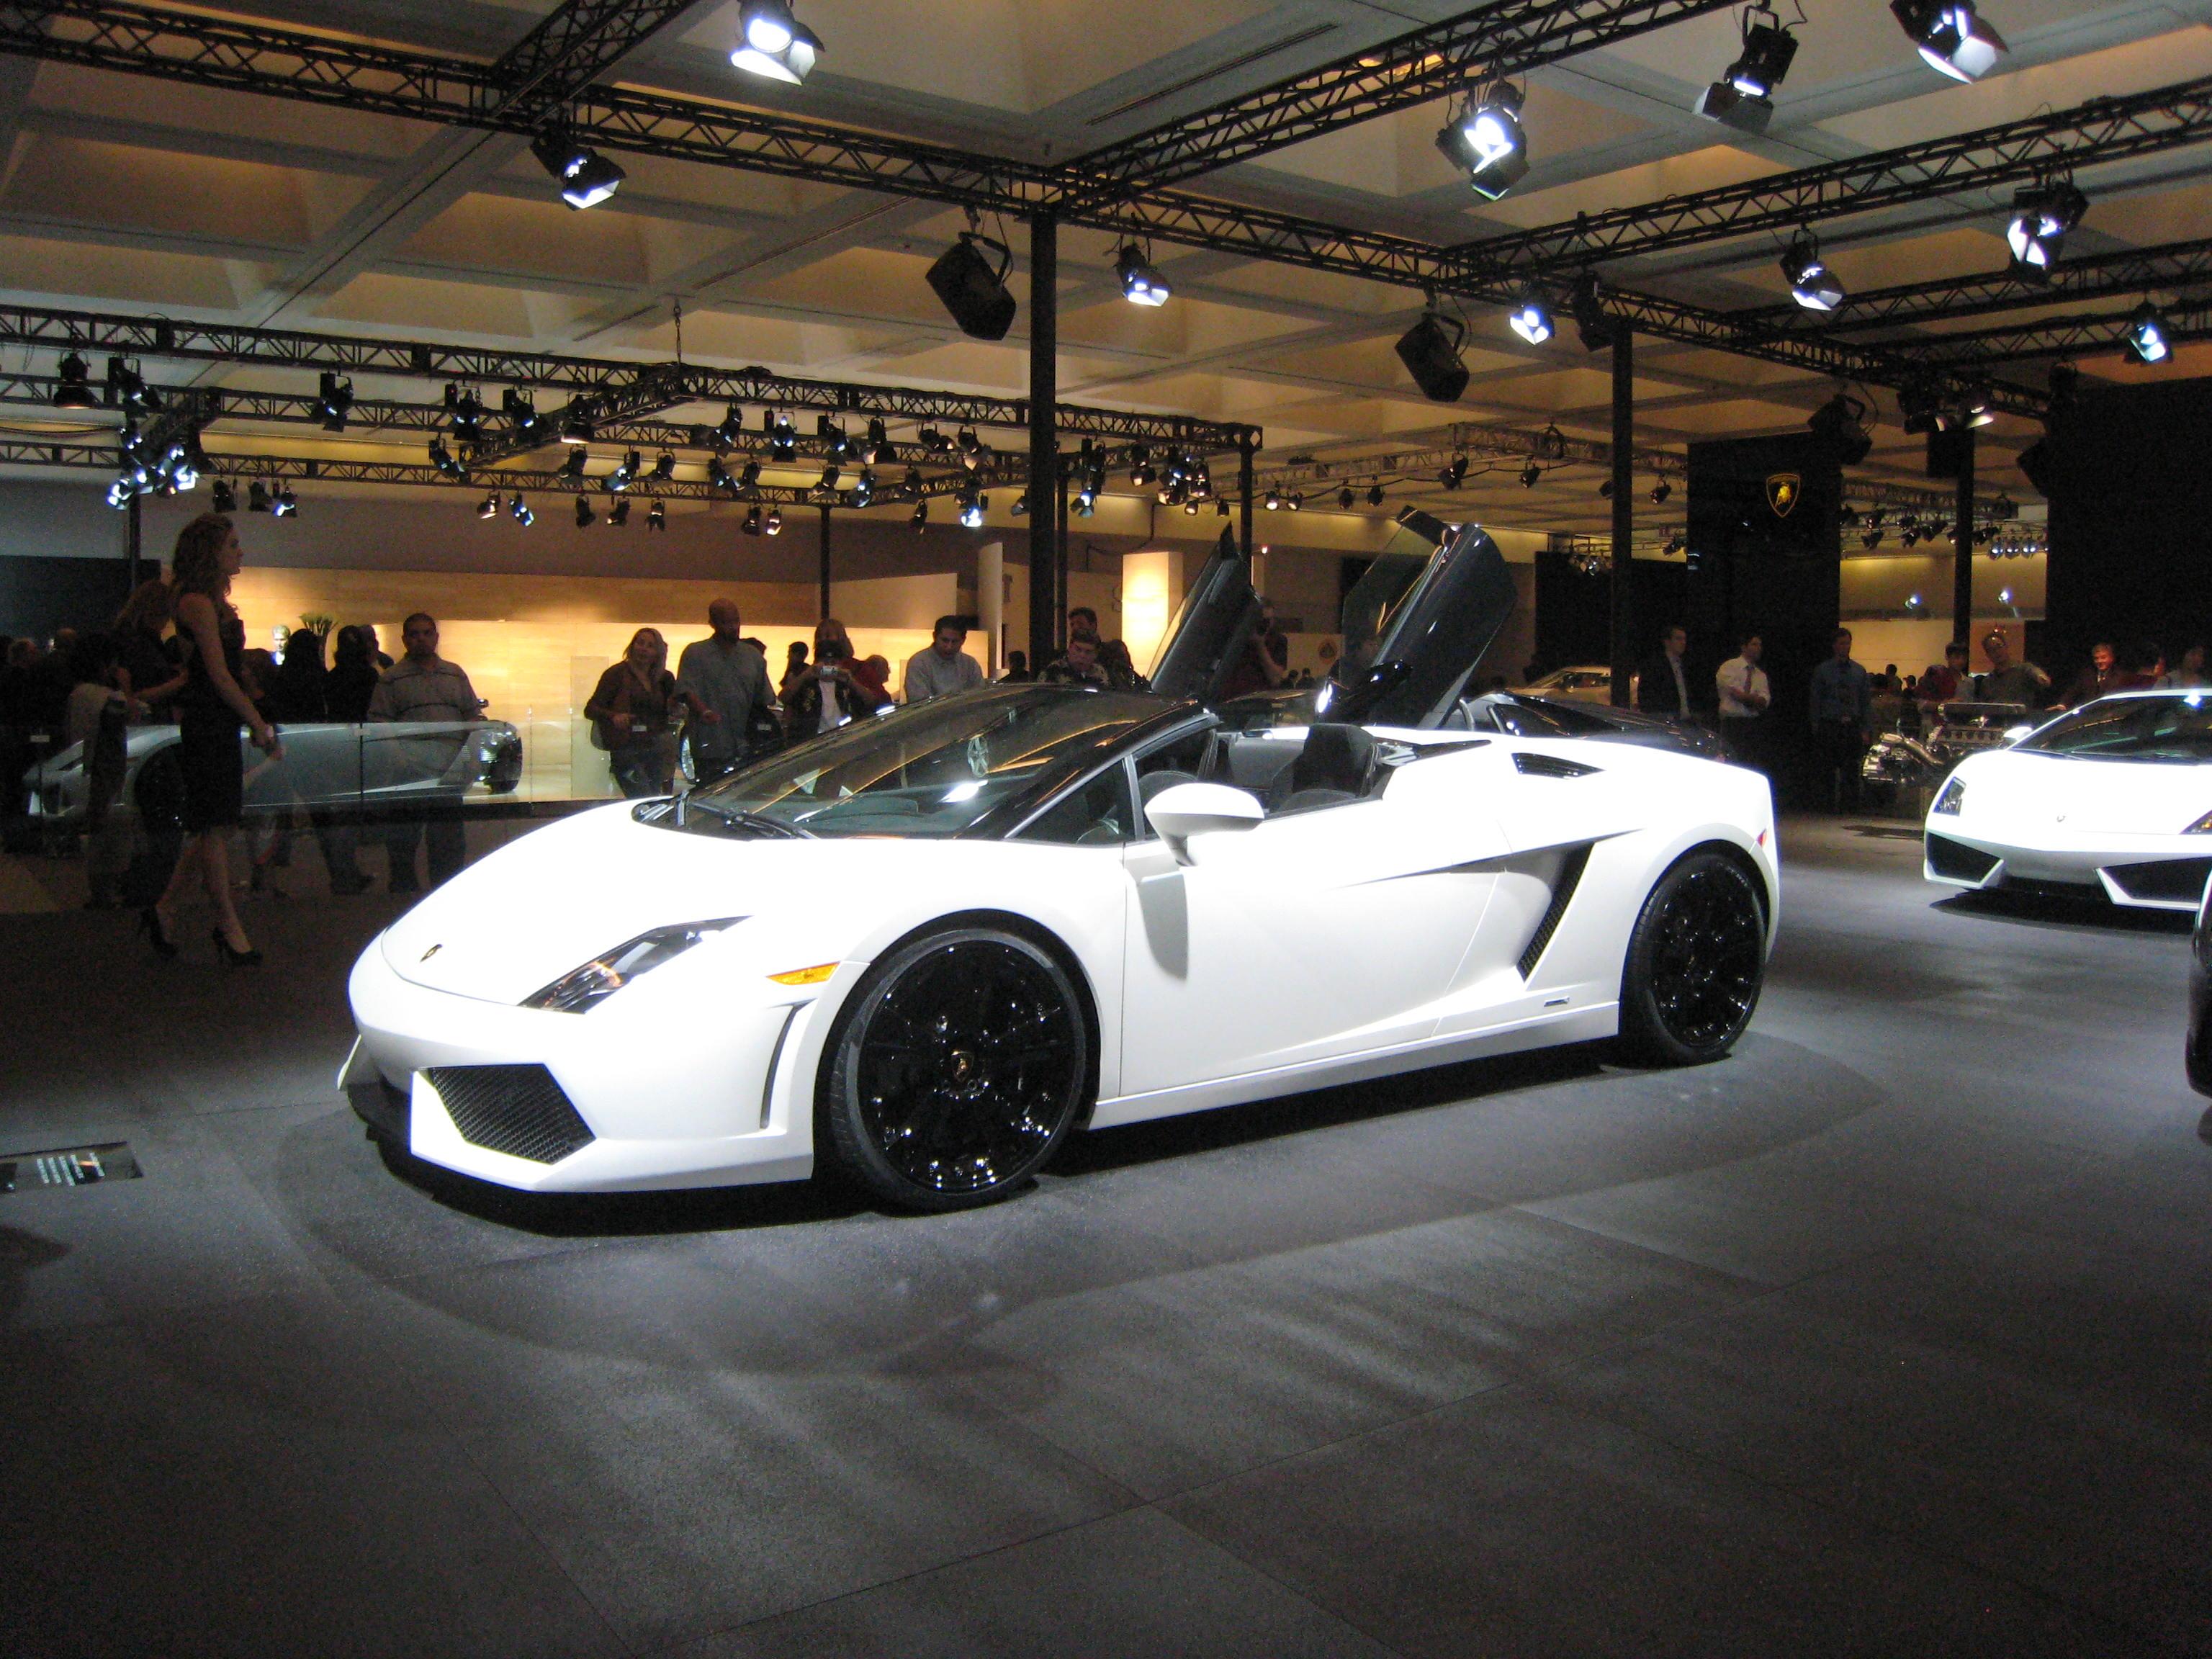 Exceptionnel File:Lamborghini Gallardo LP560 4 Spyder